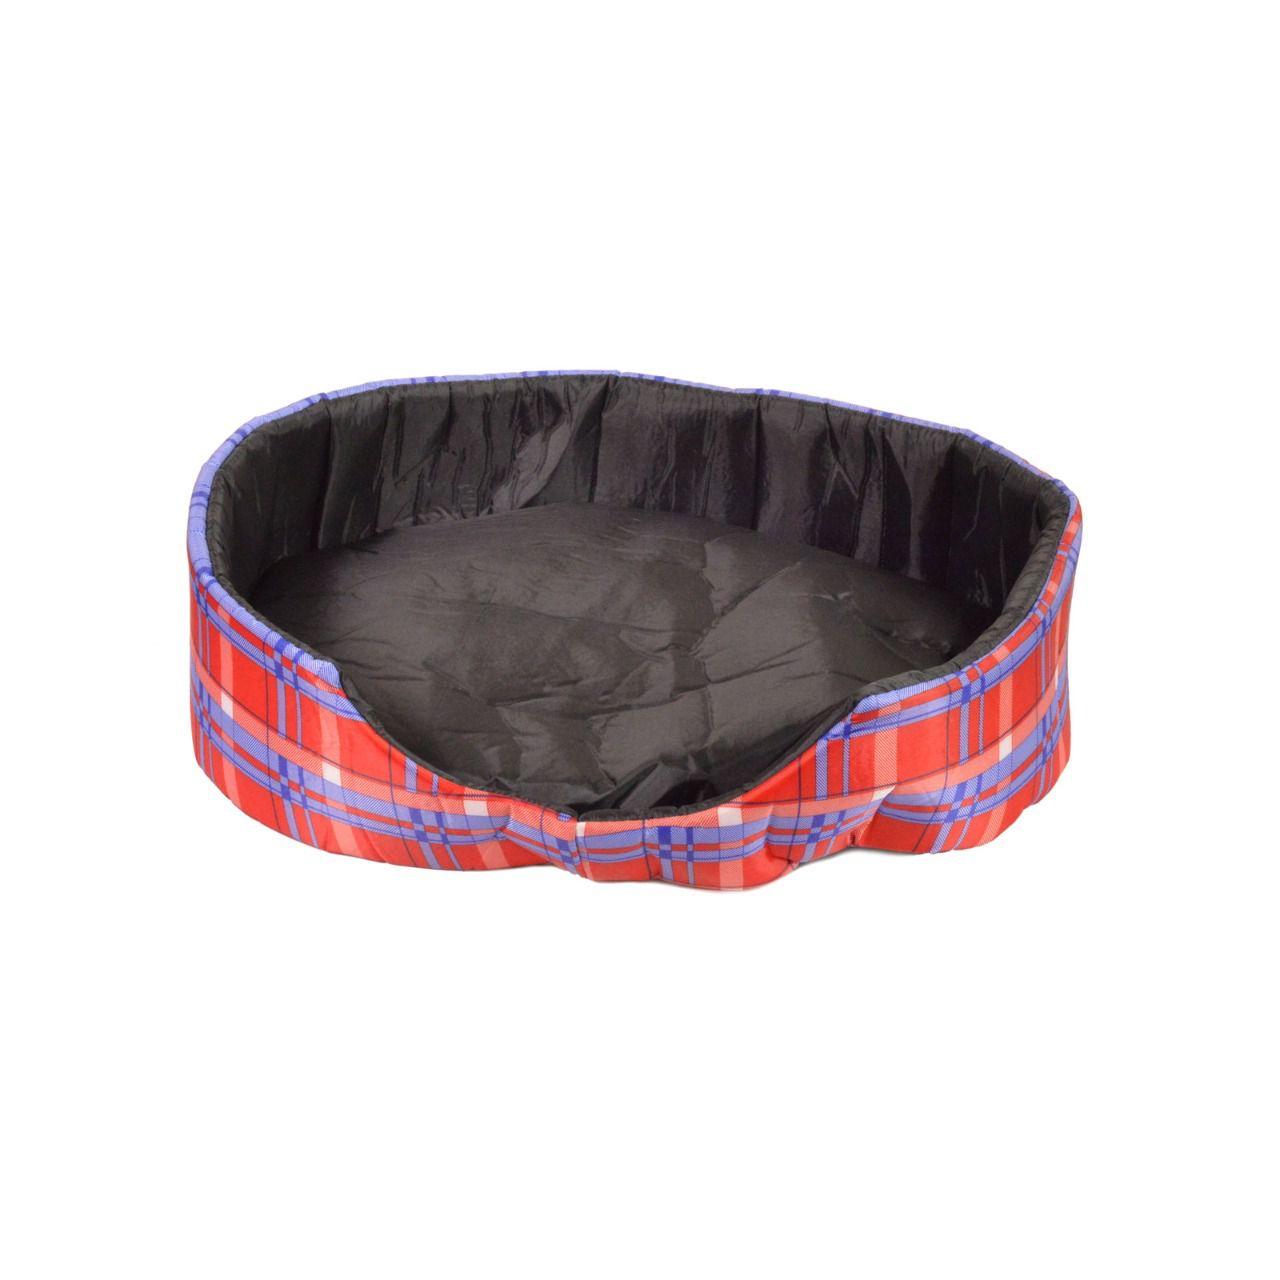 Cama para Cachorro Europa Nylon tamanho 4